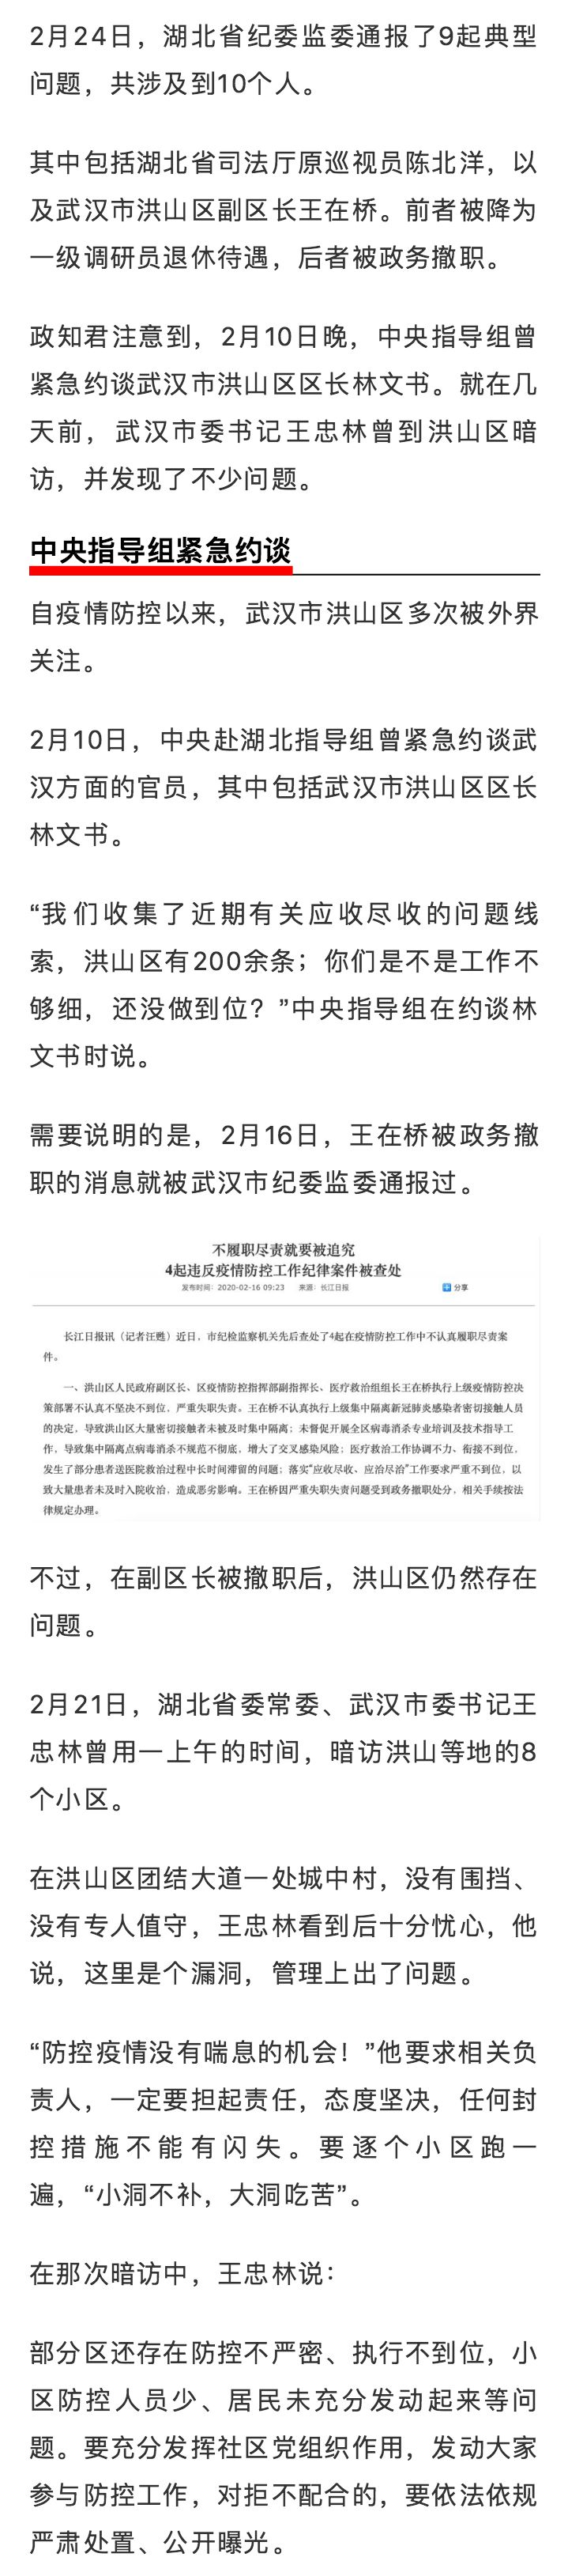 被人民日报点名痛批的陈副厅长,还被纪委查出了其他问题图片